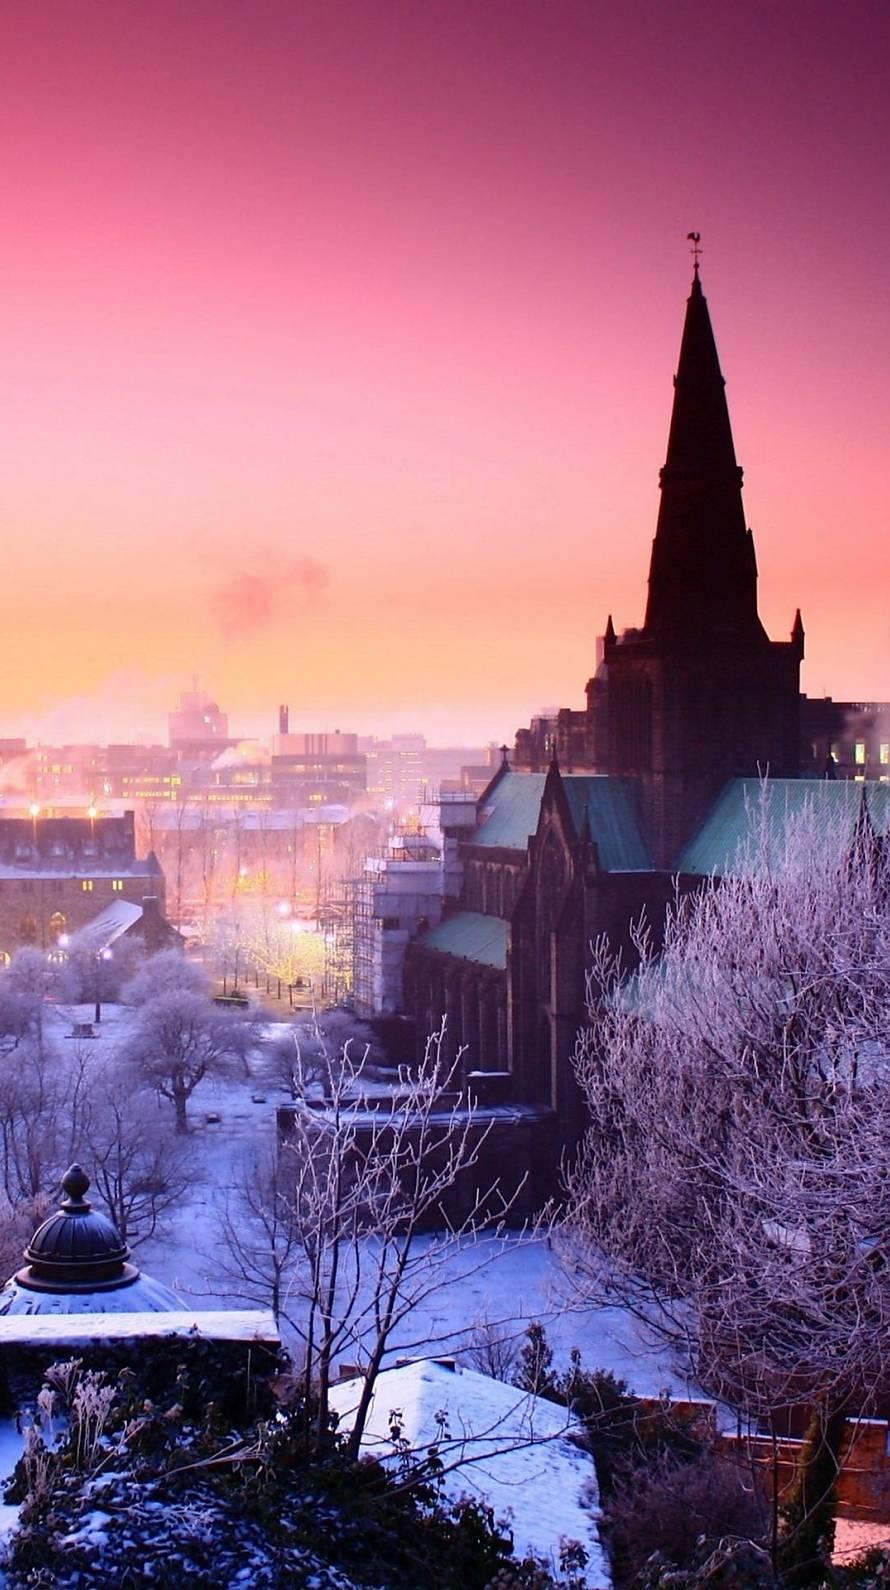 雪景色と洋館 iPhone6壁紙